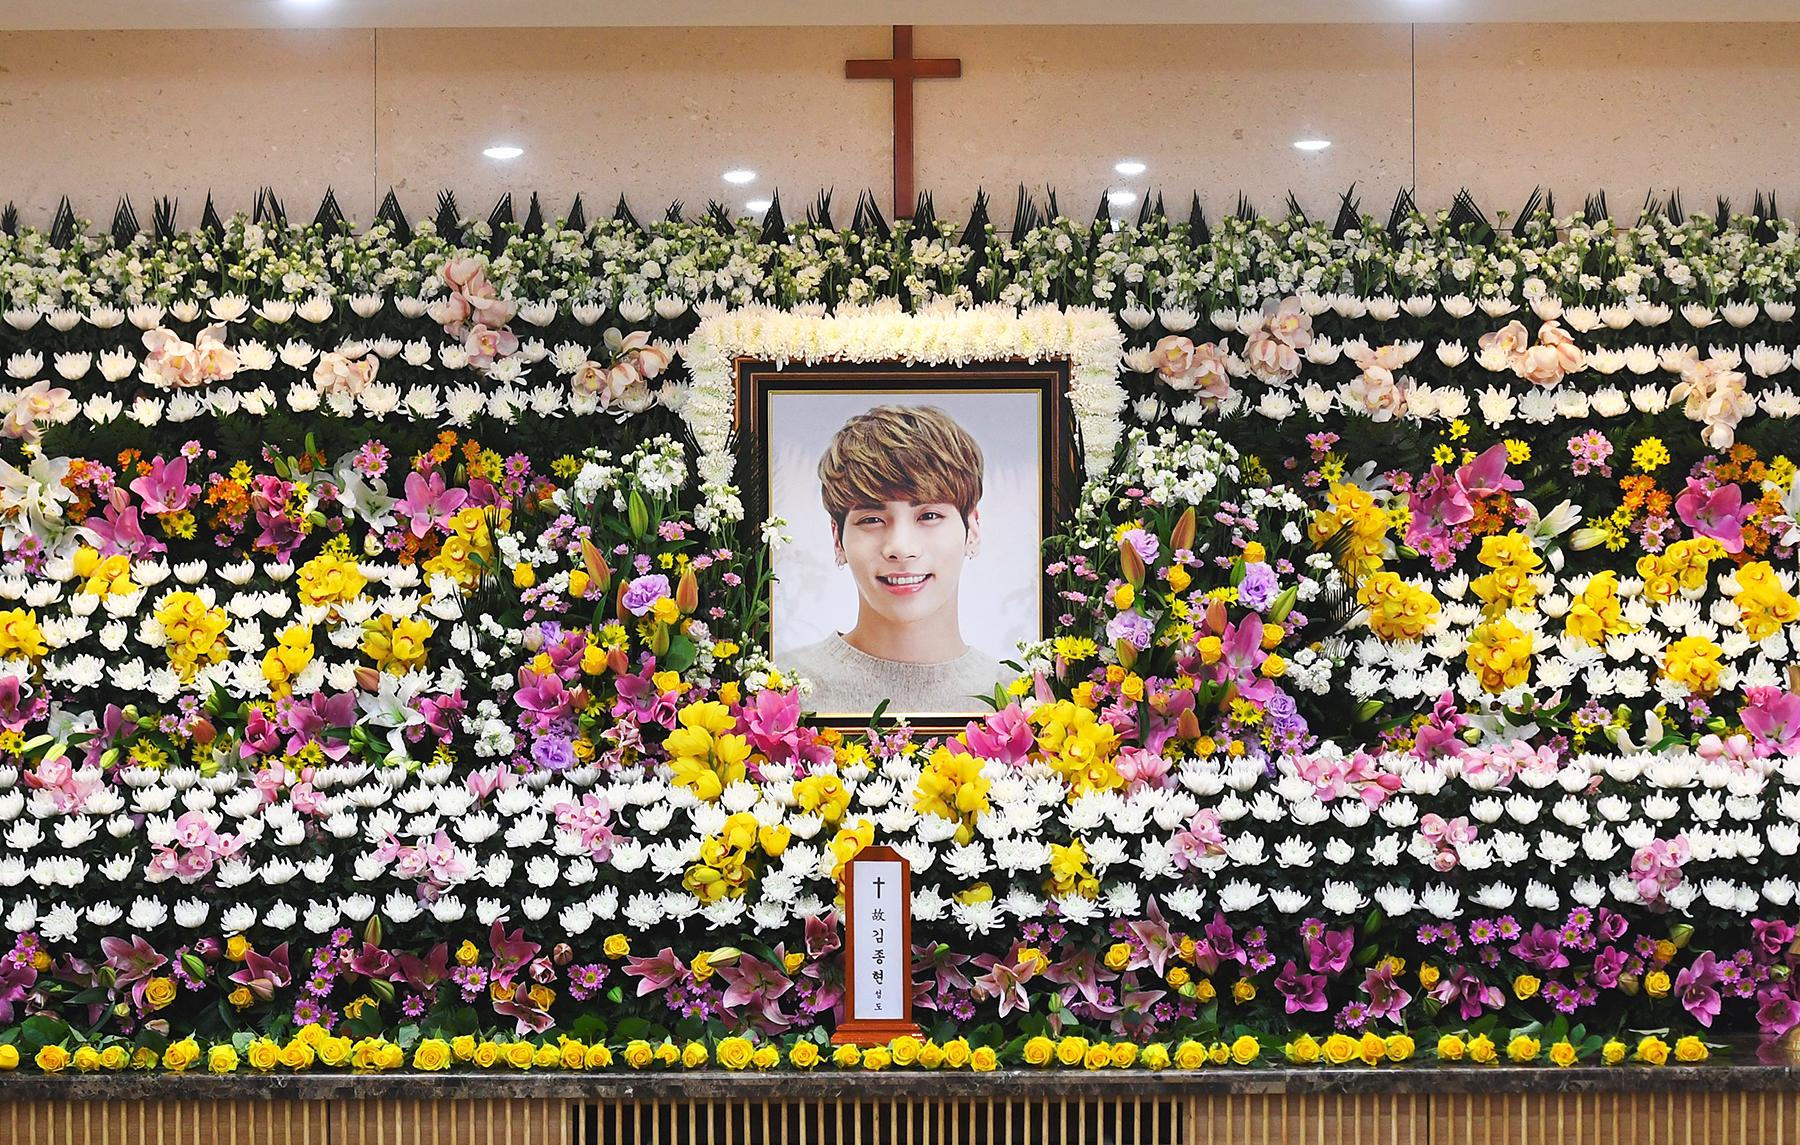 Resultado de imagen para kim jong hyun funeral